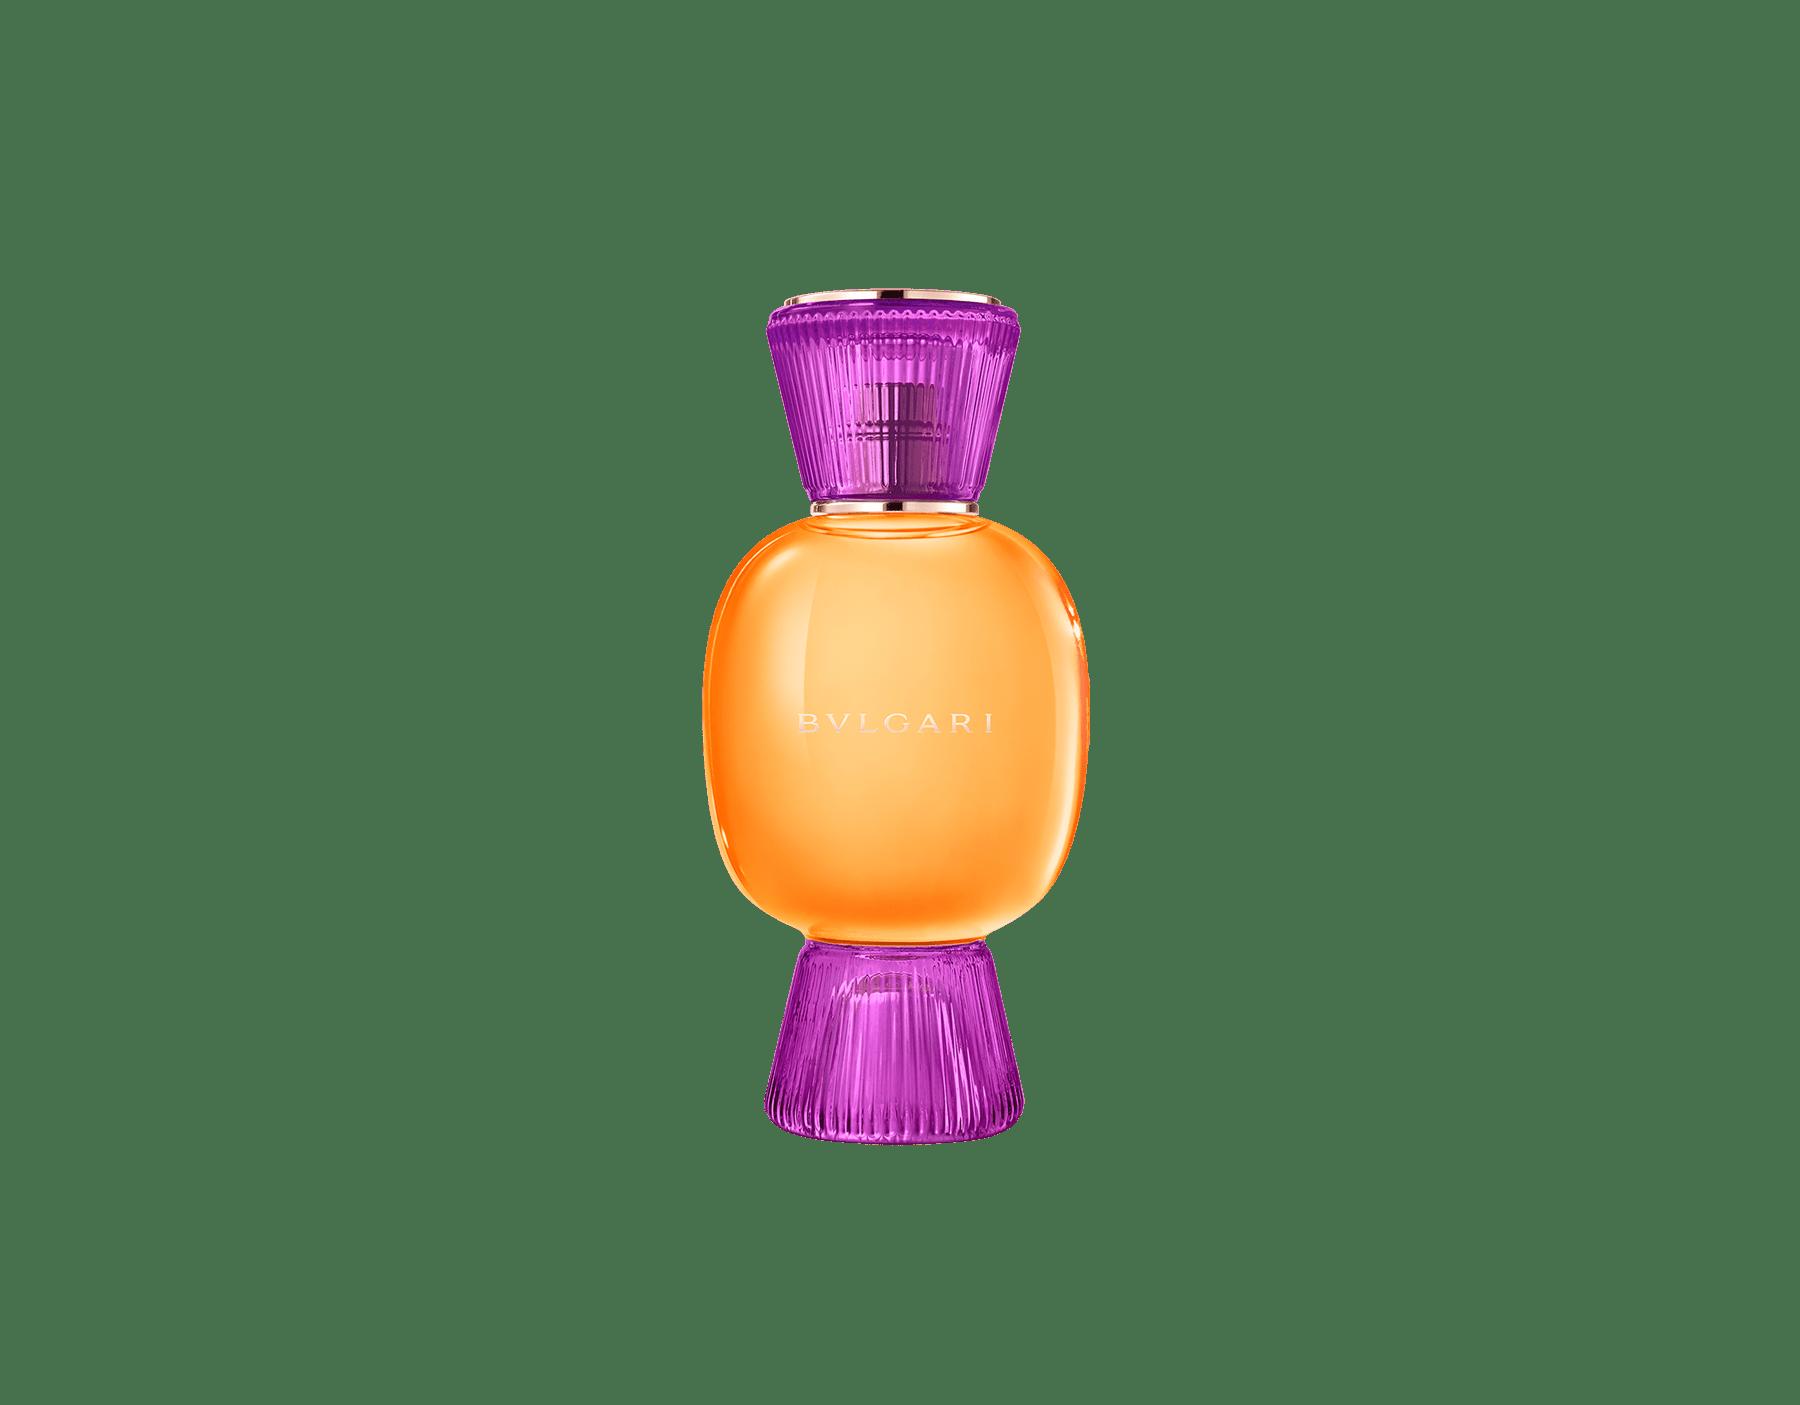 «Comme l'émoi d'un rendez-vous à Rome.» Jacques Cavallier Une fragrance liquoreuse et florientale, expression de la plénitude de partager un moment ensemble sur une terrasse romaine 41249 image 5